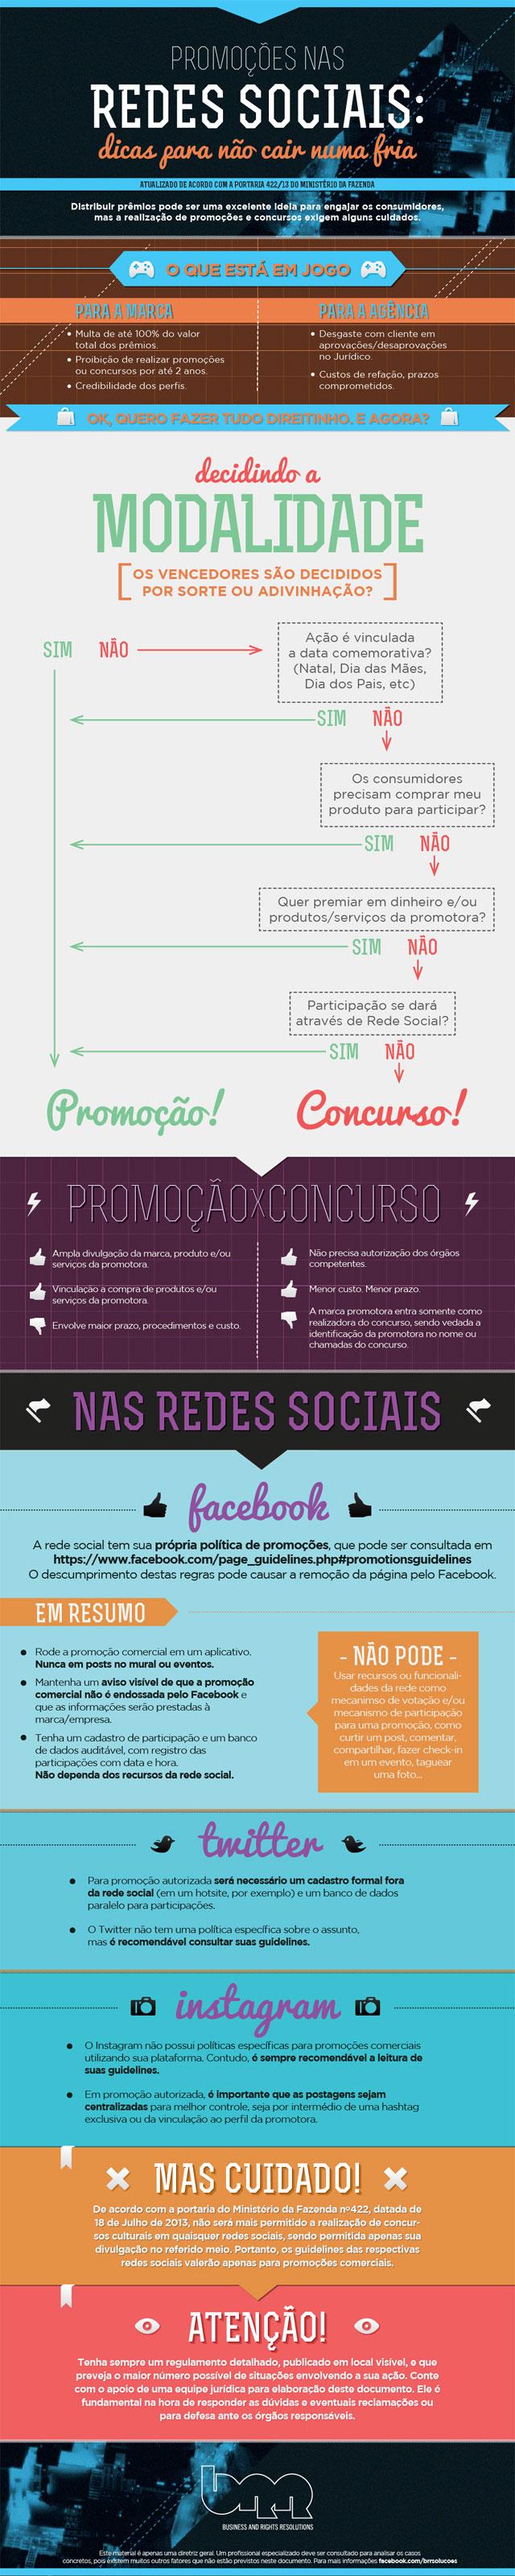 Infográfico Promoções Redes Sociais